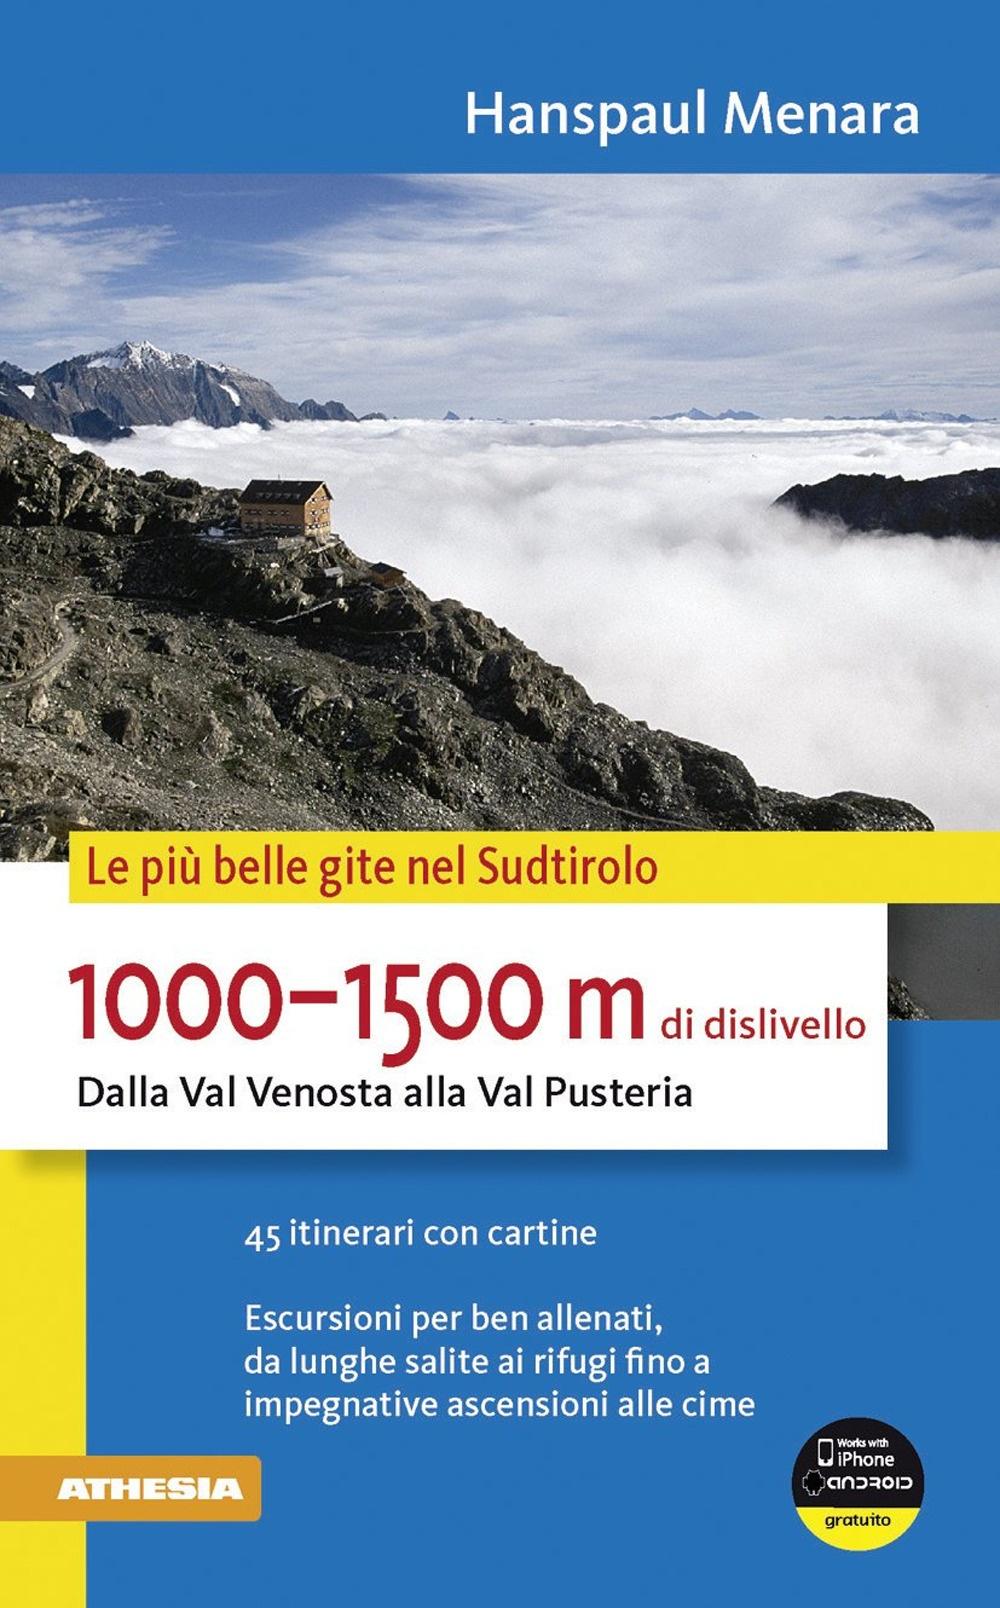 1000-1500 m di dislivello dalla Val Venosta alla Val Pusteria.